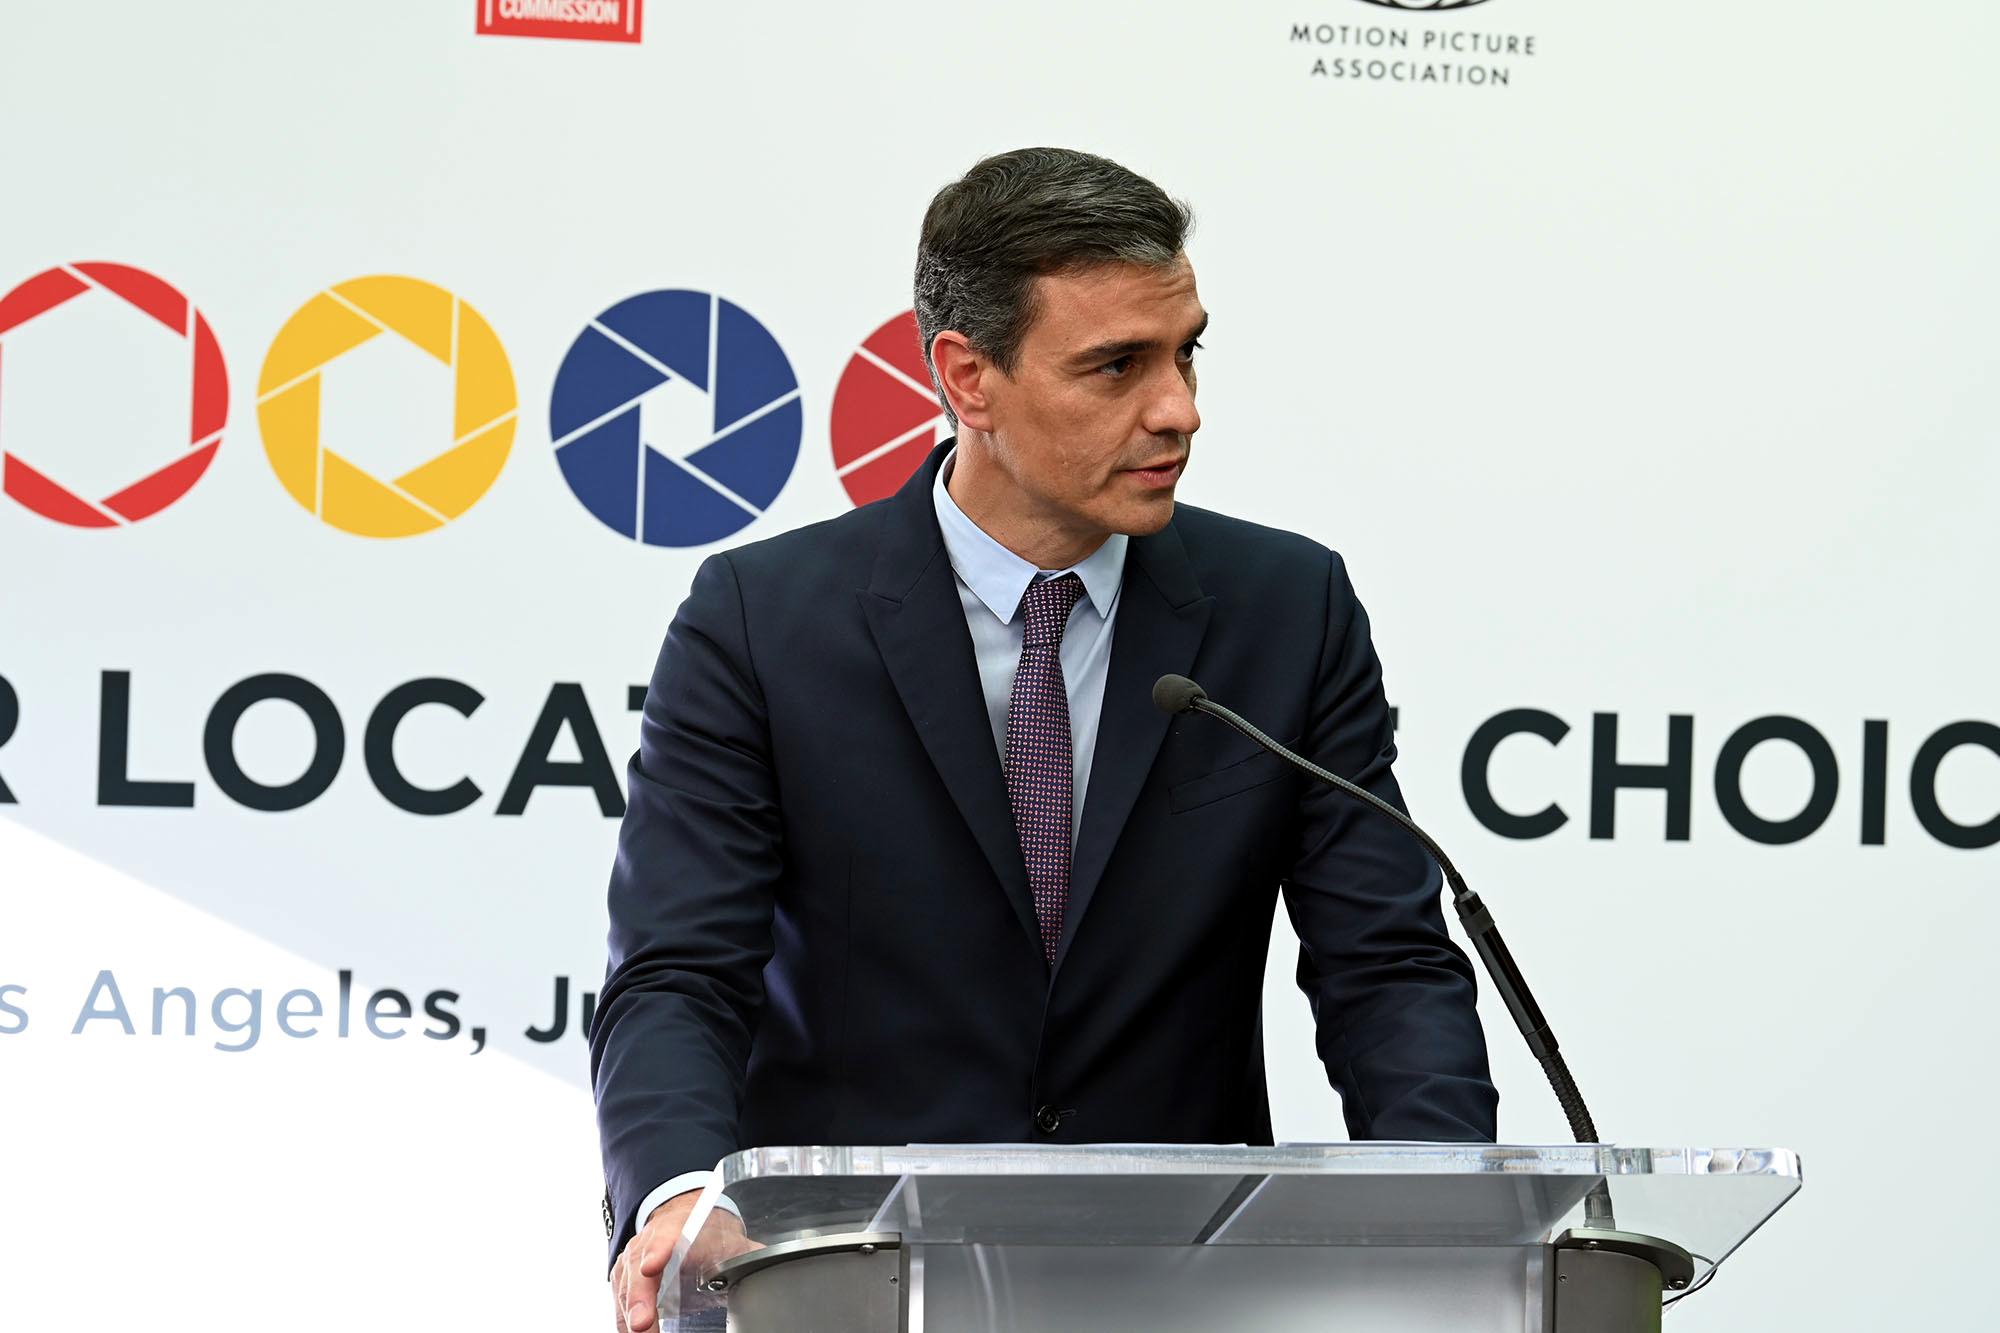 El president del govern espanyol, Pedro Sánchez, en un acte durant la seva gira de tres dies pels Estats Units, el 22 de juliol del 2021 (Horitzontal).